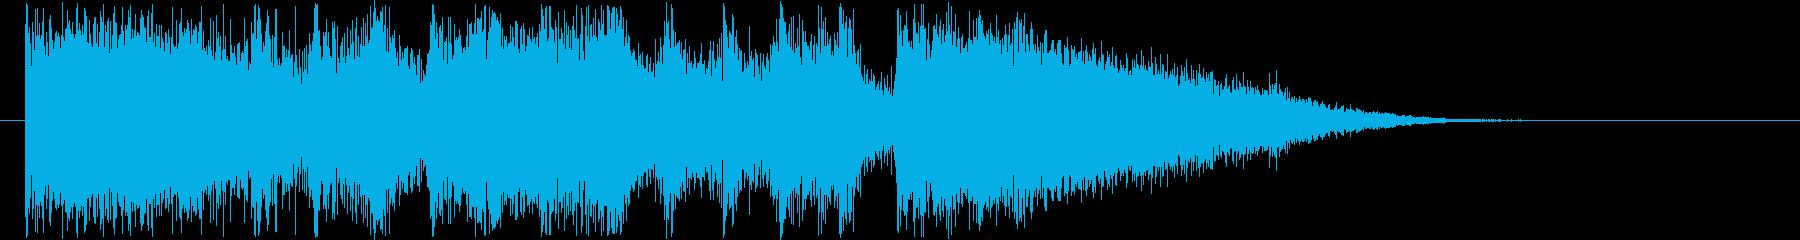 リズム感がありギターによるハードロックの再生済みの波形